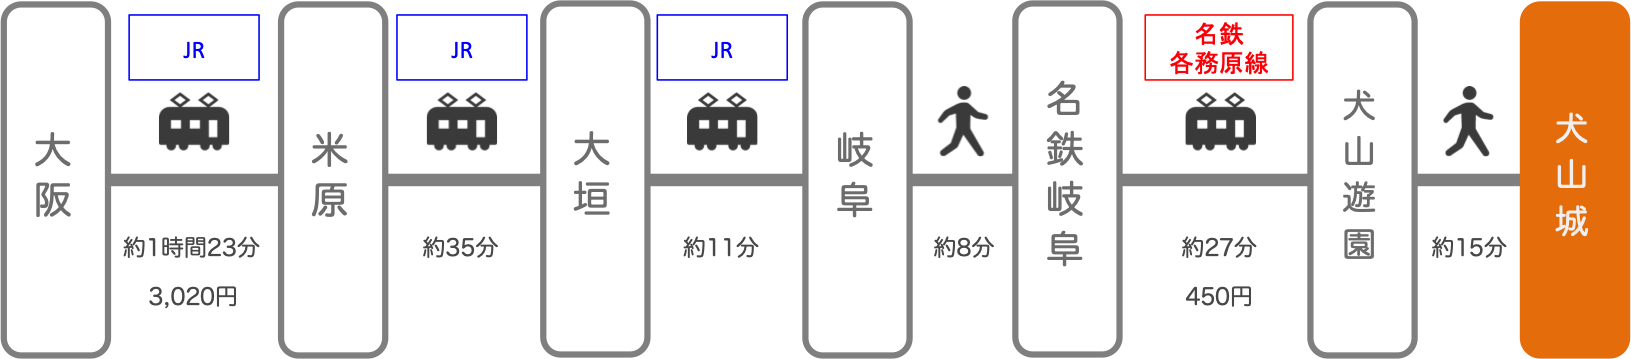 犬山城_大阪_電車